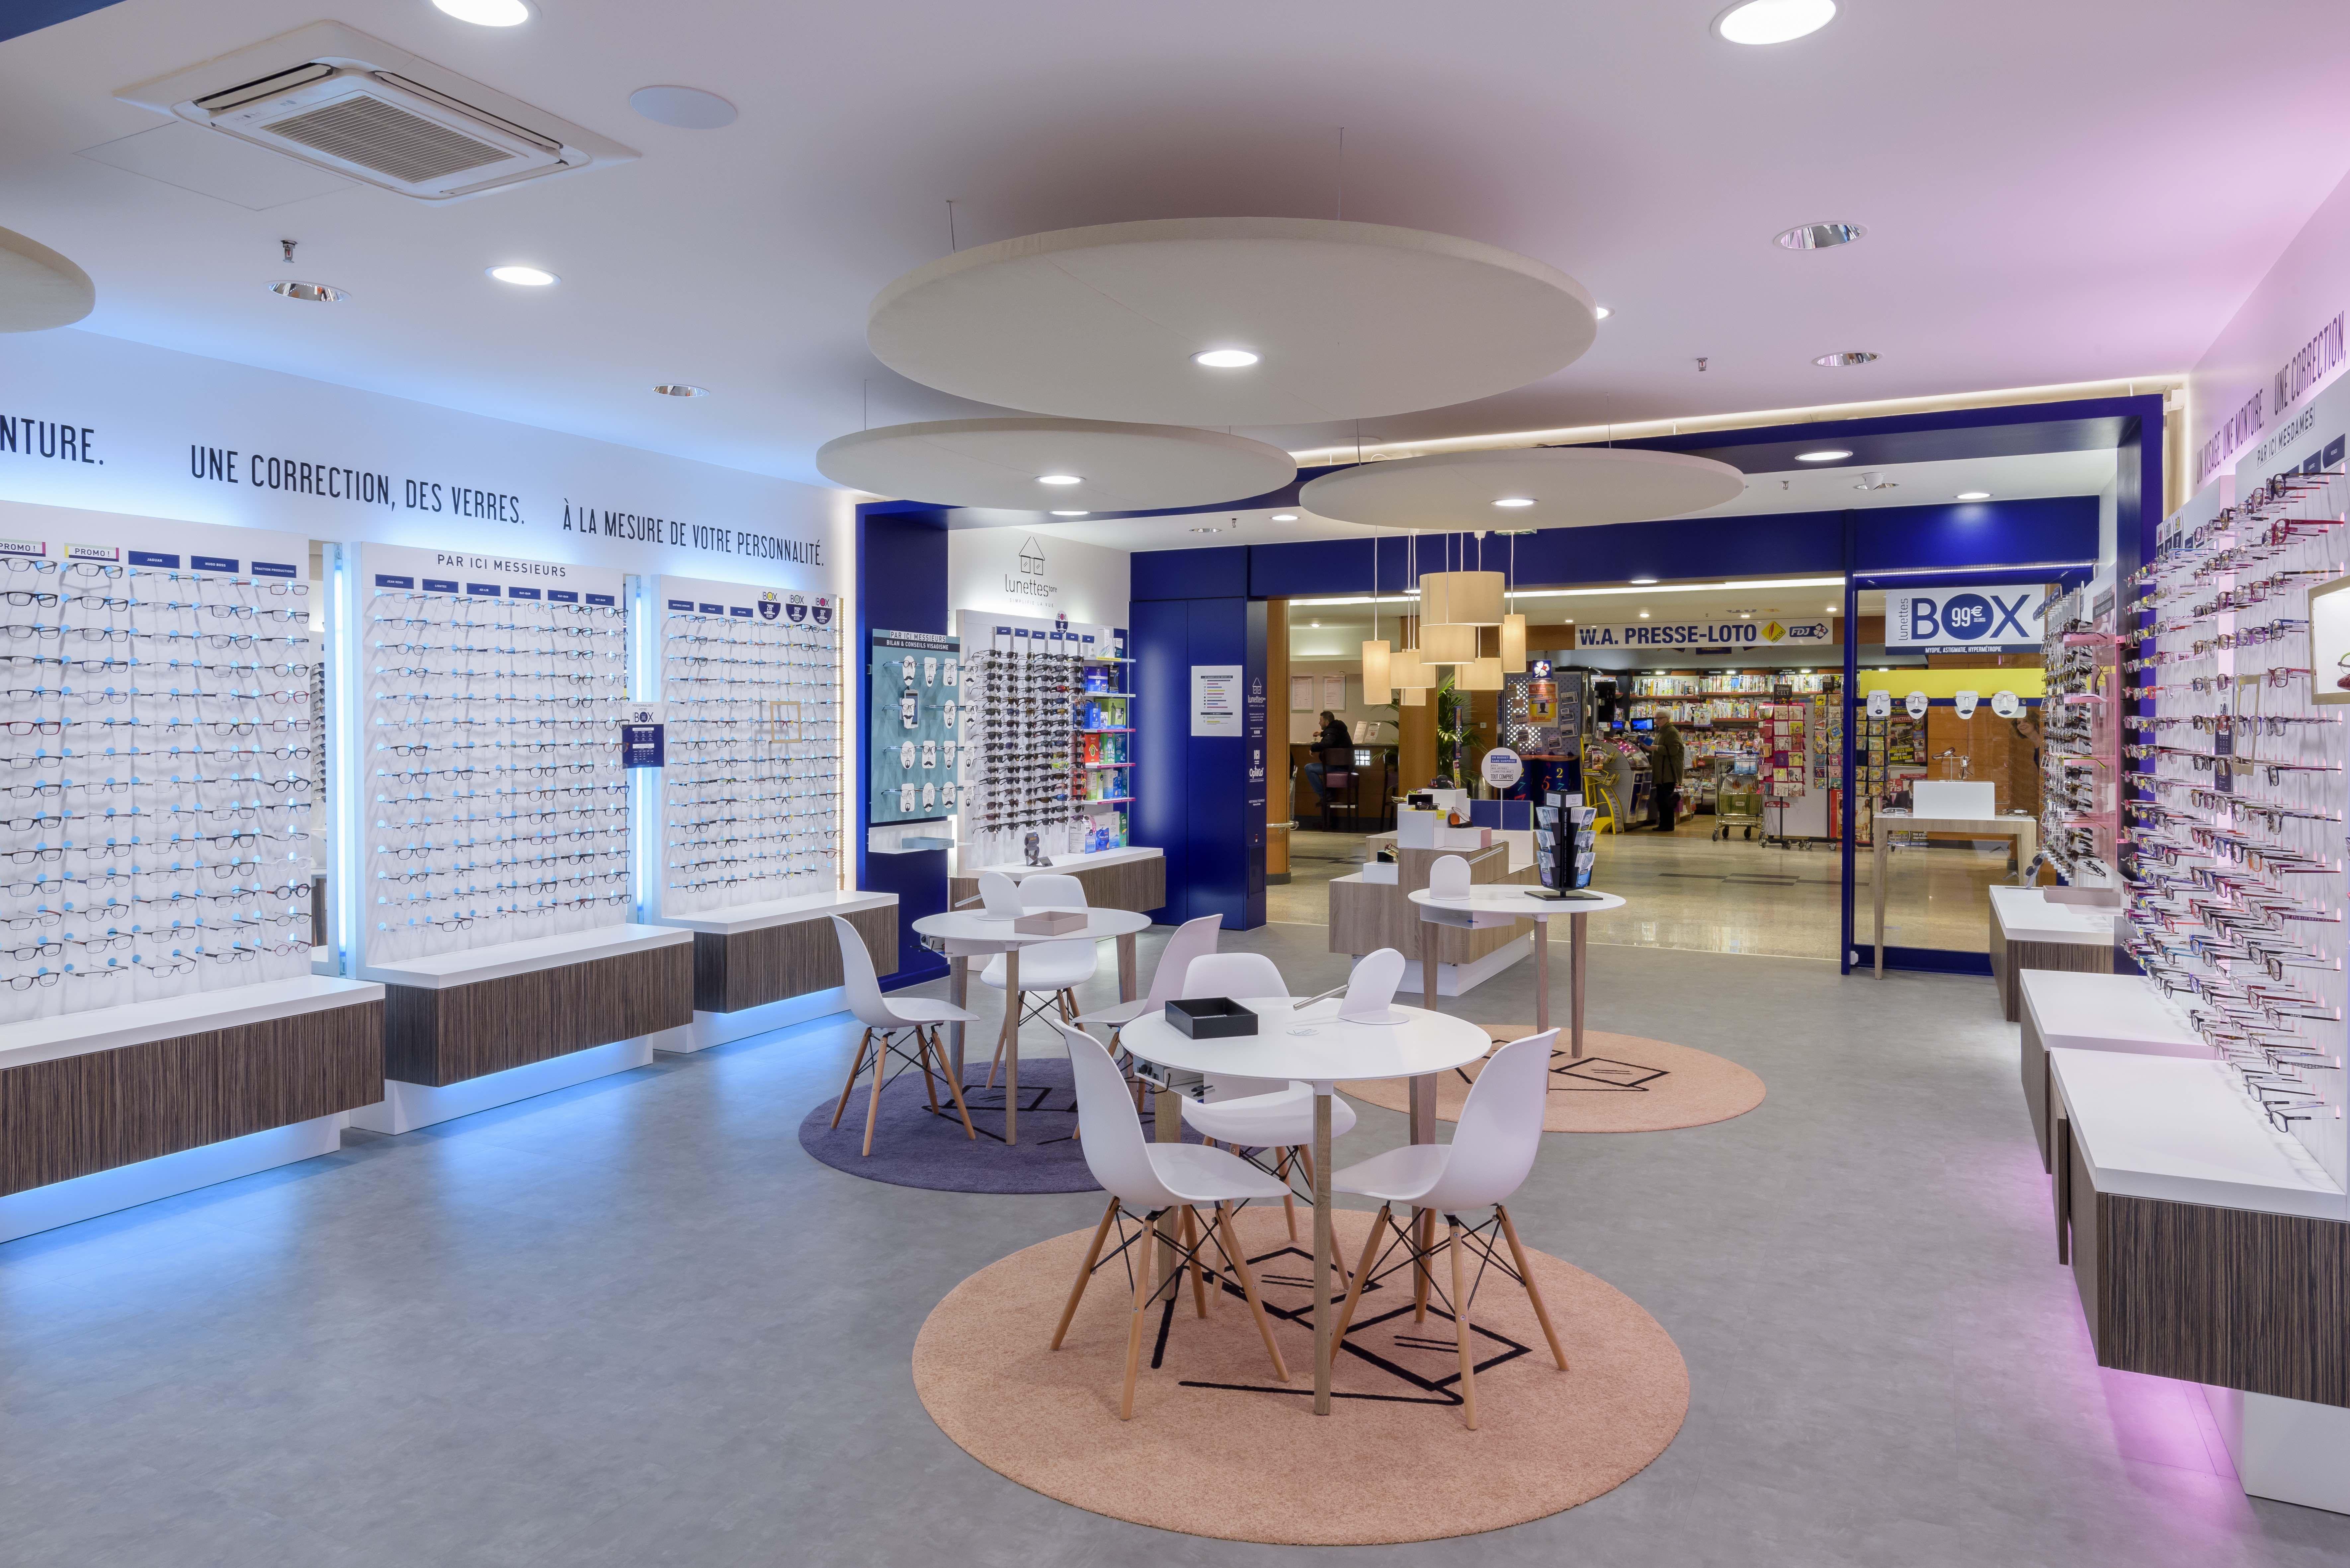 Lunettestore Vous Simplifie La Vue Design Conceptstore Opticien Vitrine Lunettes Lunetier Visa Design D Interieur Boutique Opticien Interieur Boutique